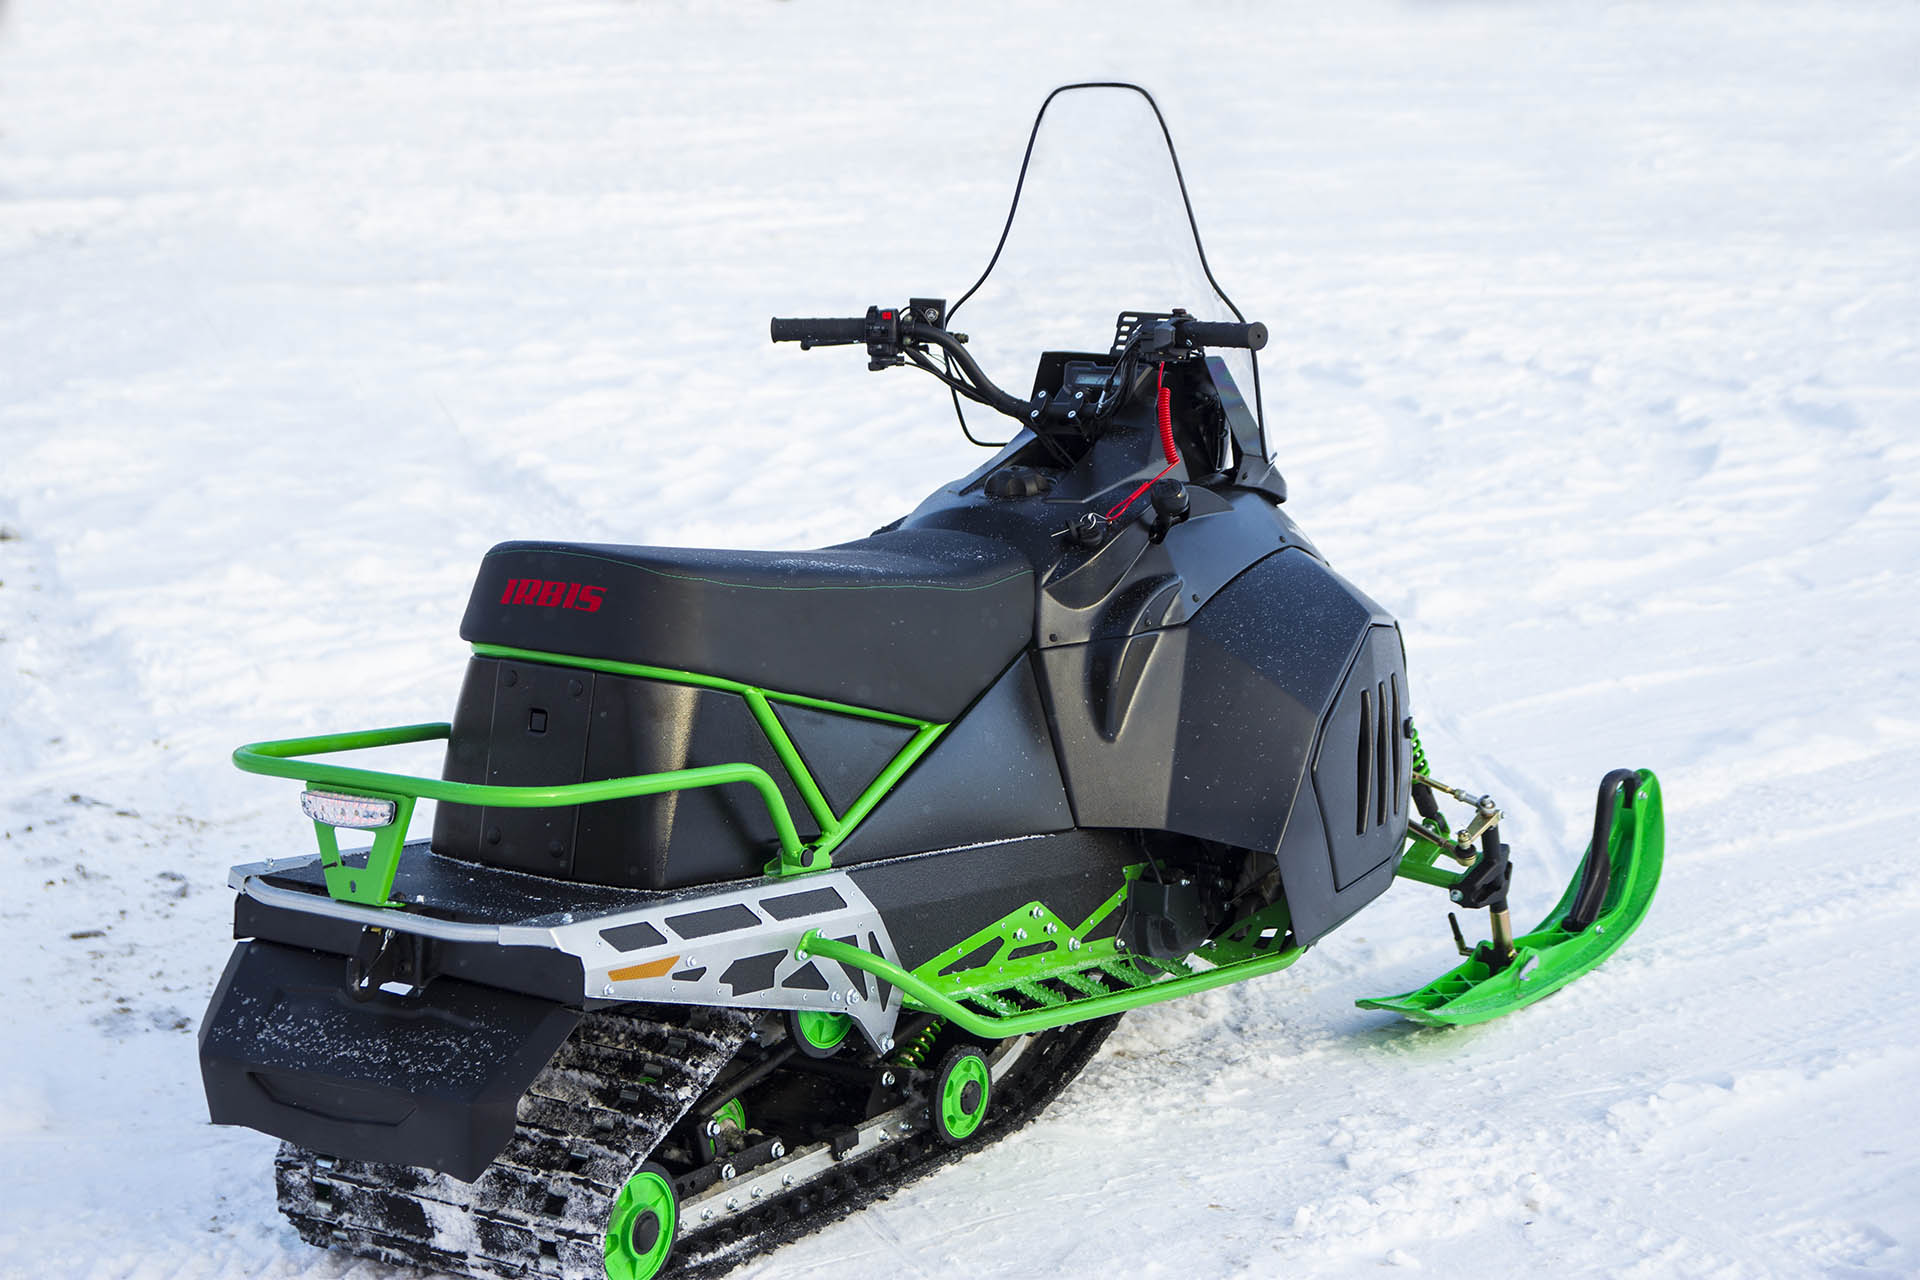 снегоход тунгус 600 красноярск купить в кредит